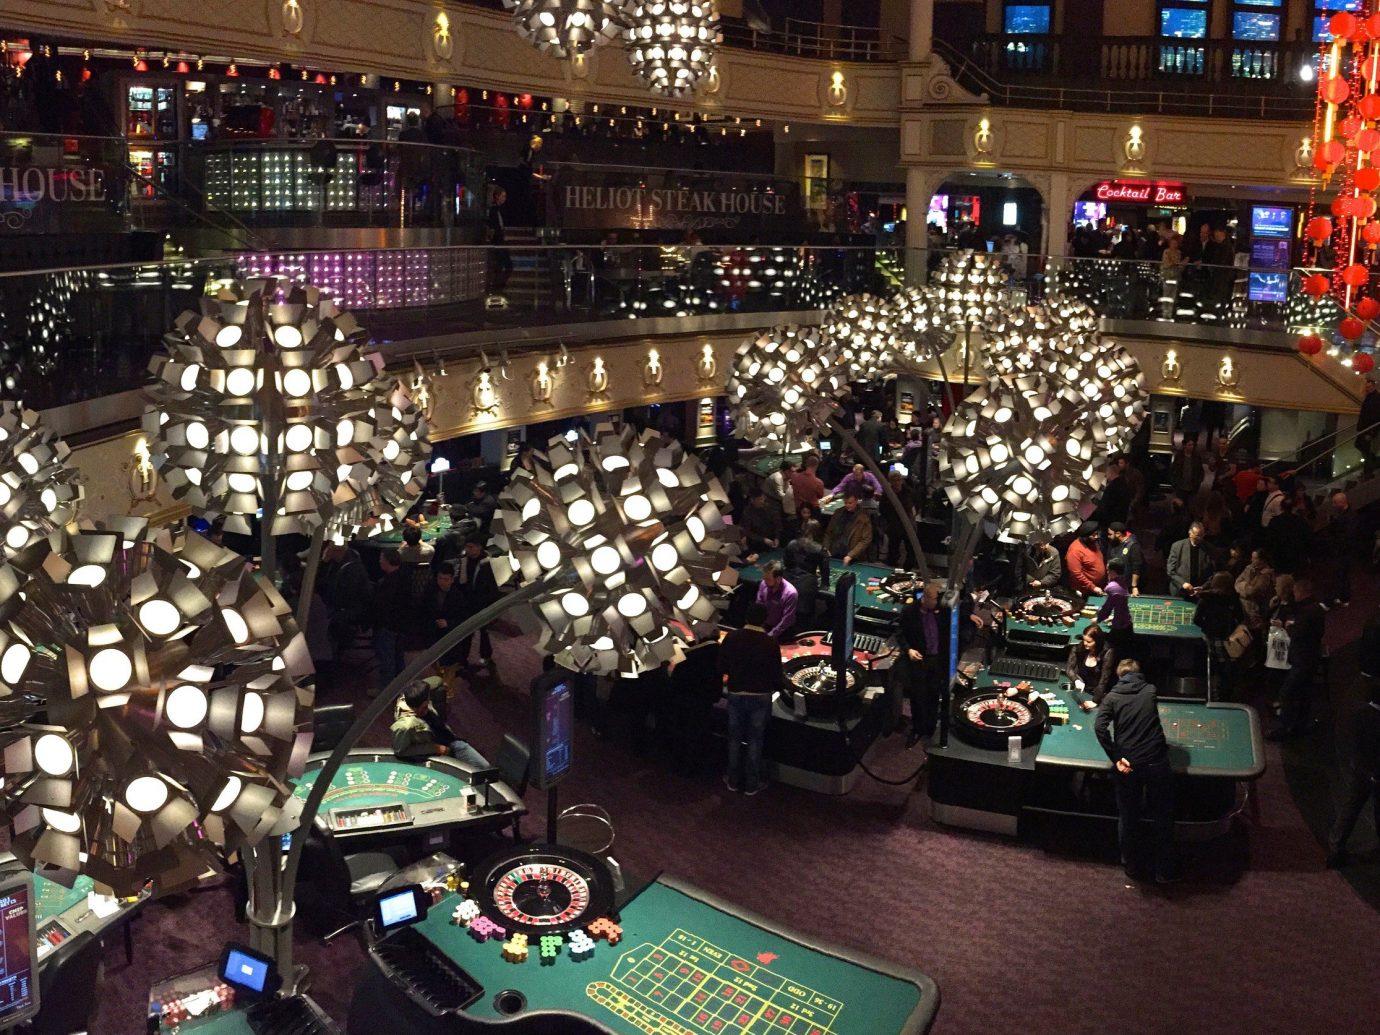 Hotels indoor building nightclub Casino games crowd